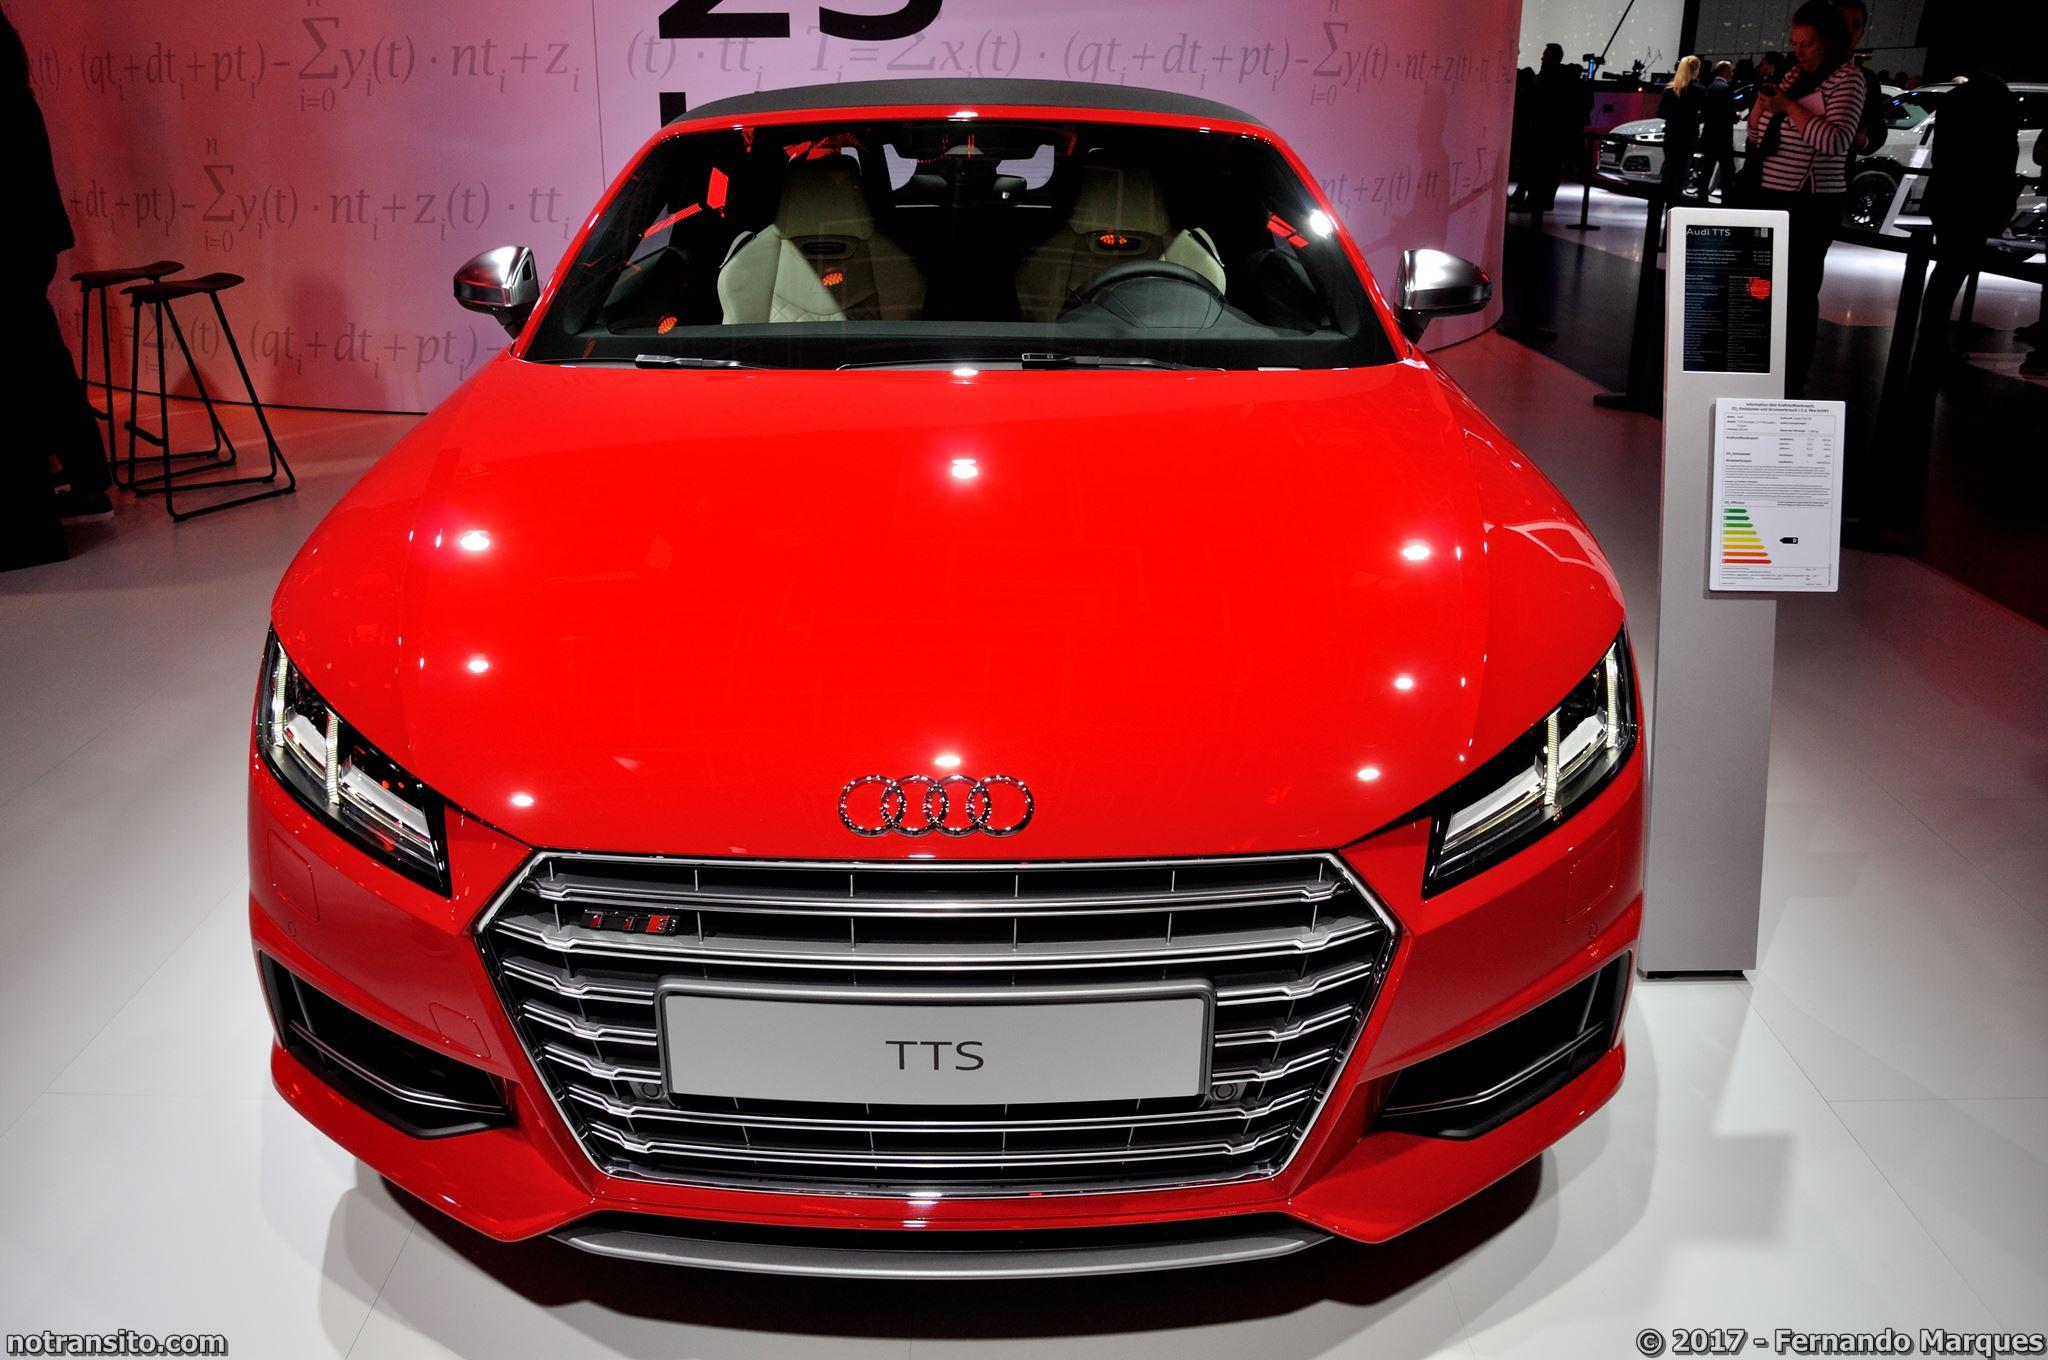 Audi-TTS-Frankfurt-2017-001